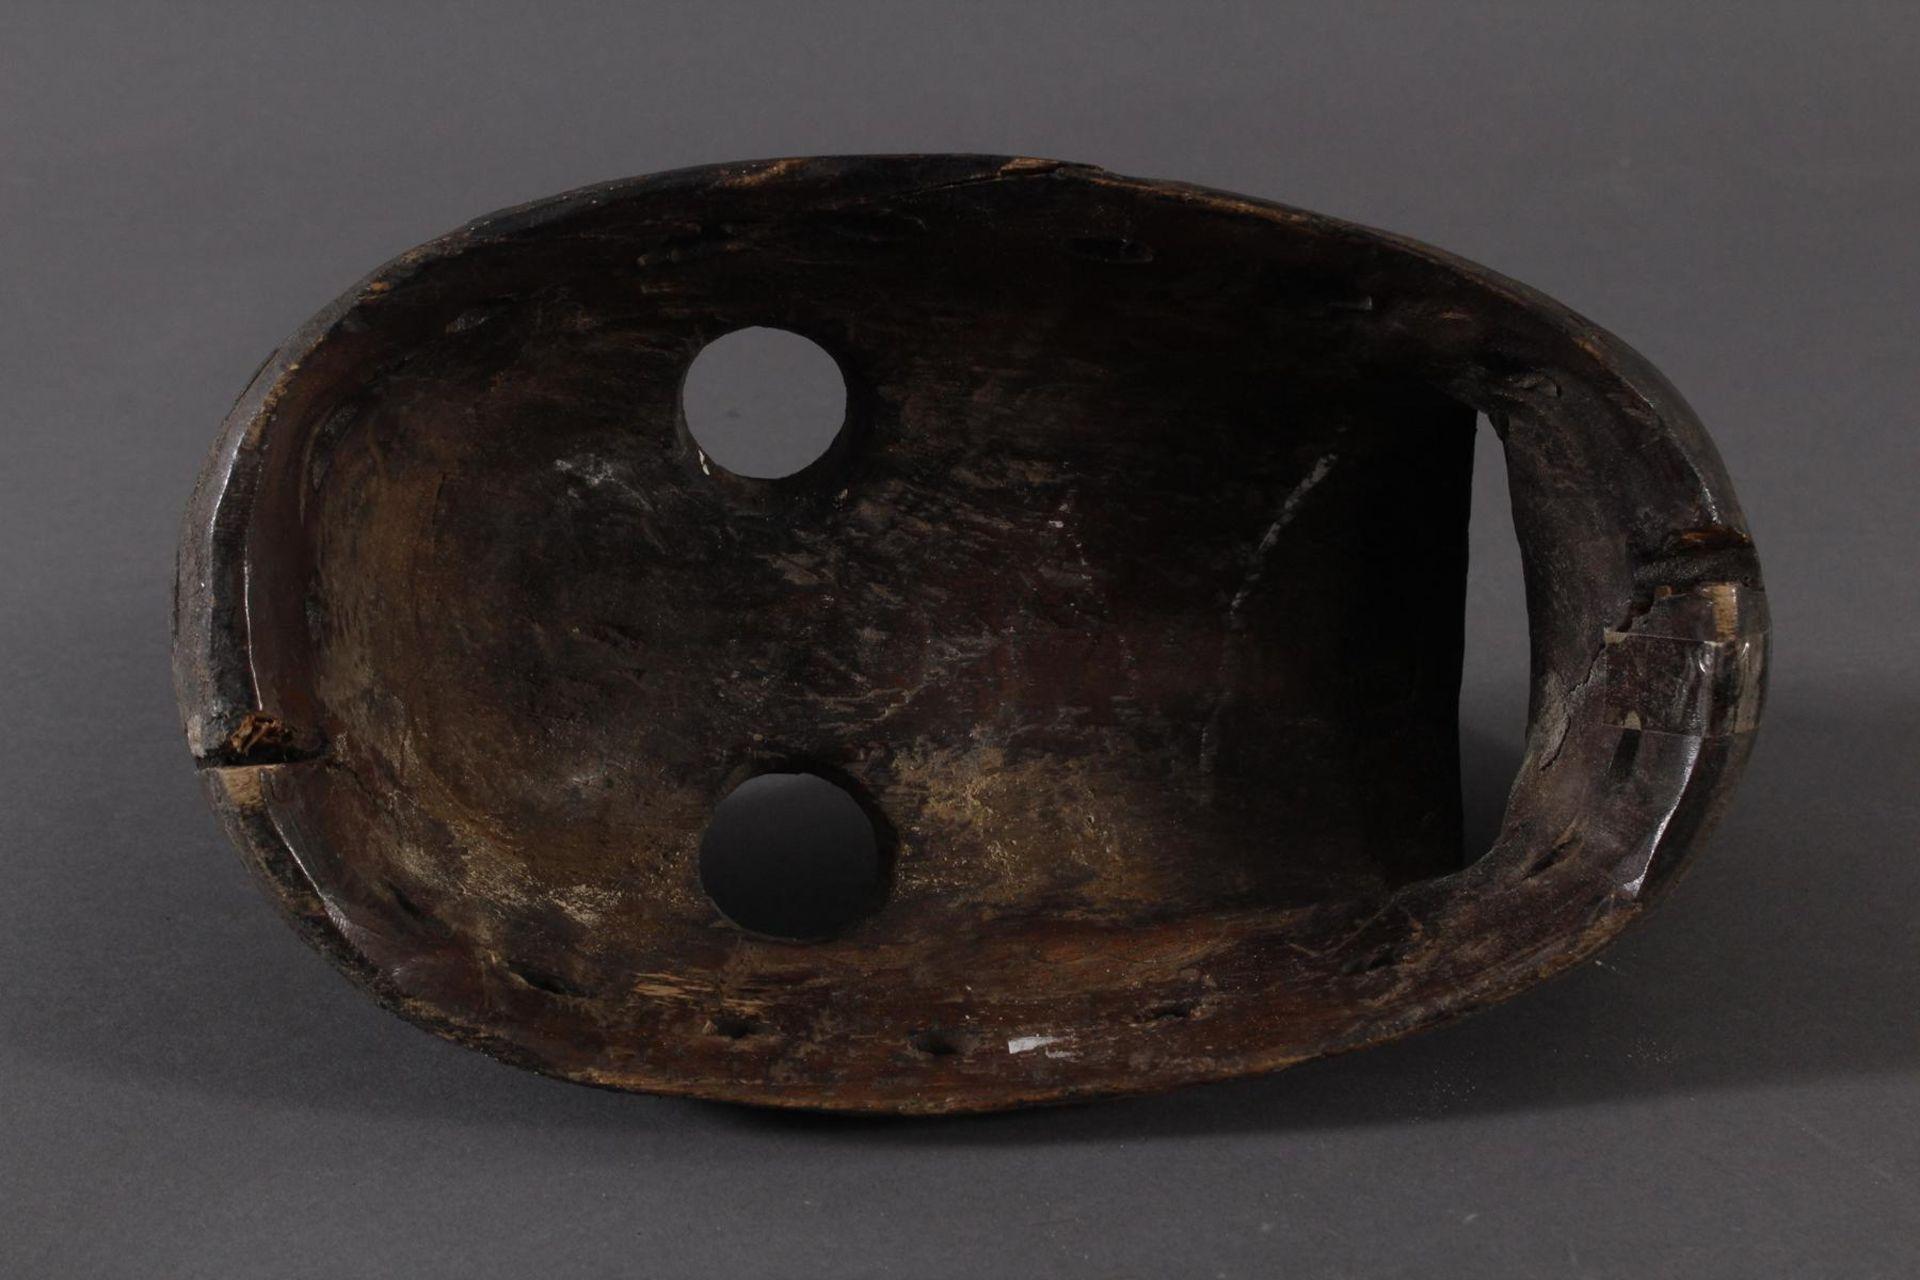 Antike Maske der Dan-Kran, Elfenbeinküste 1. Hälfte 20. Jh.Holz geschnitzt, dunkle Patina ,nach - Bild 4 aus 6